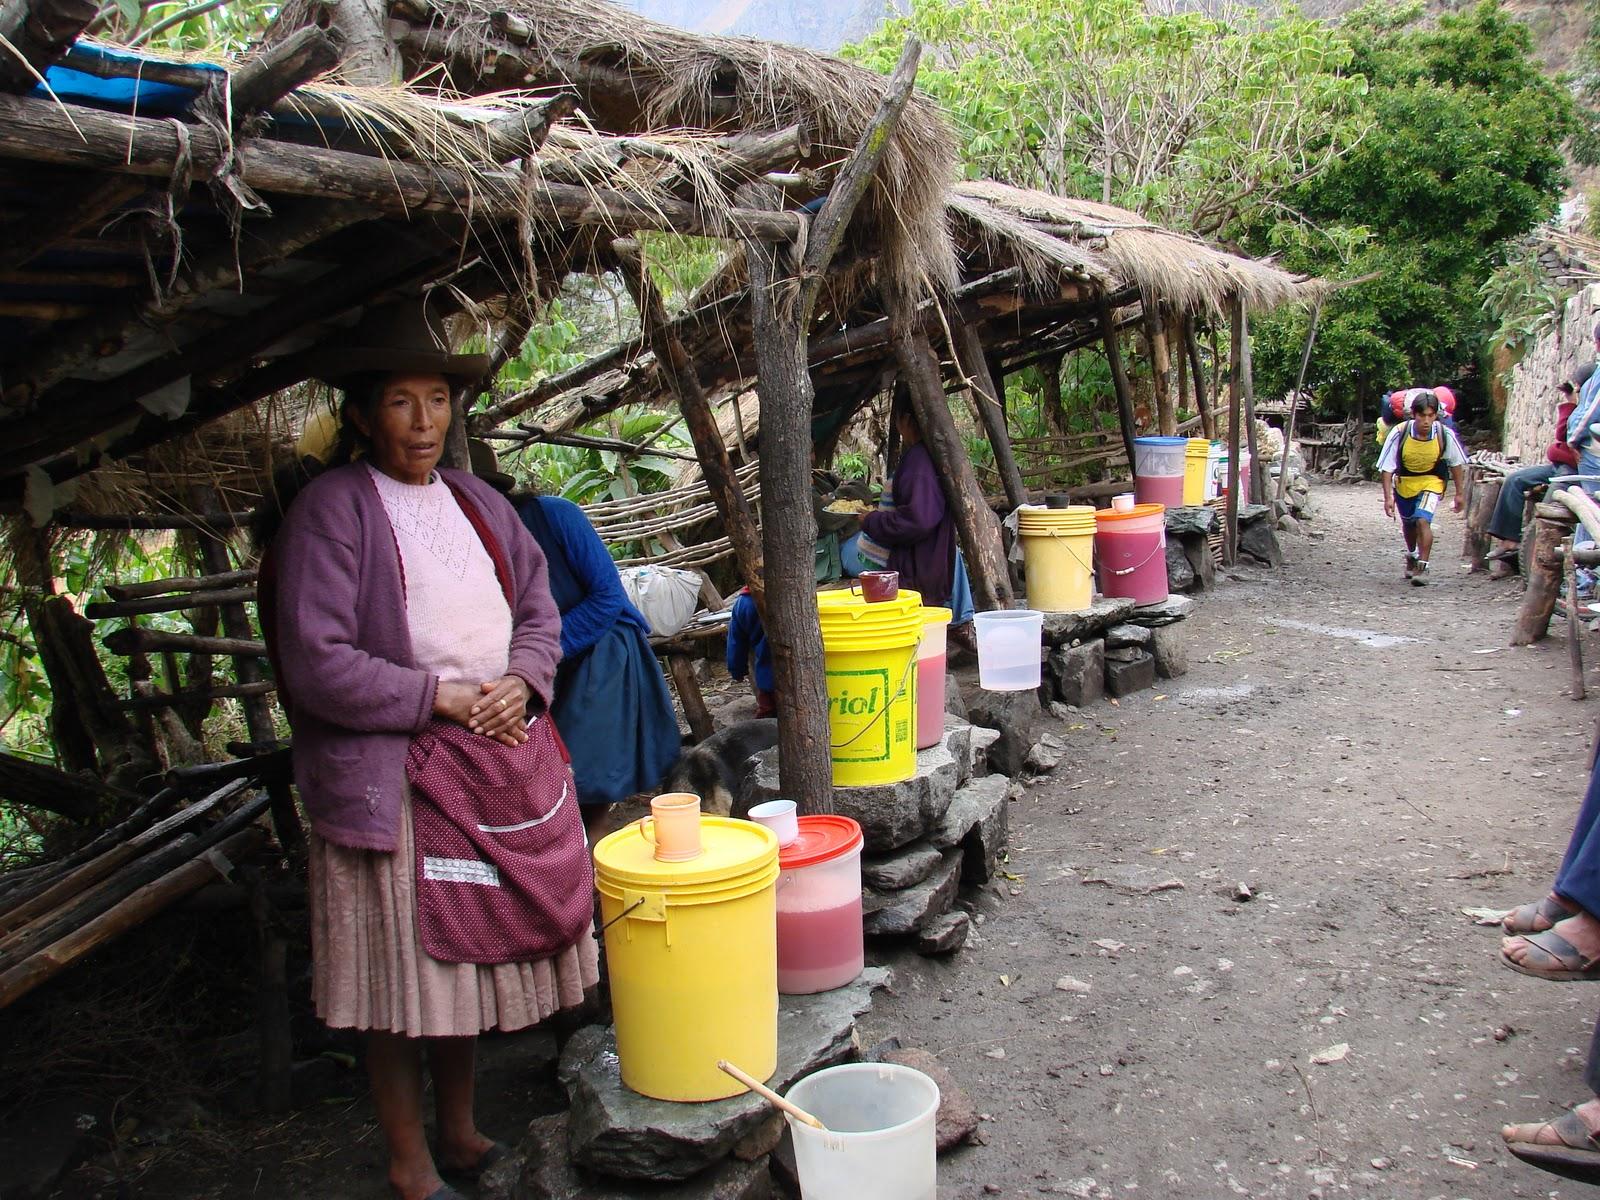 фото как продают чичу в Перу